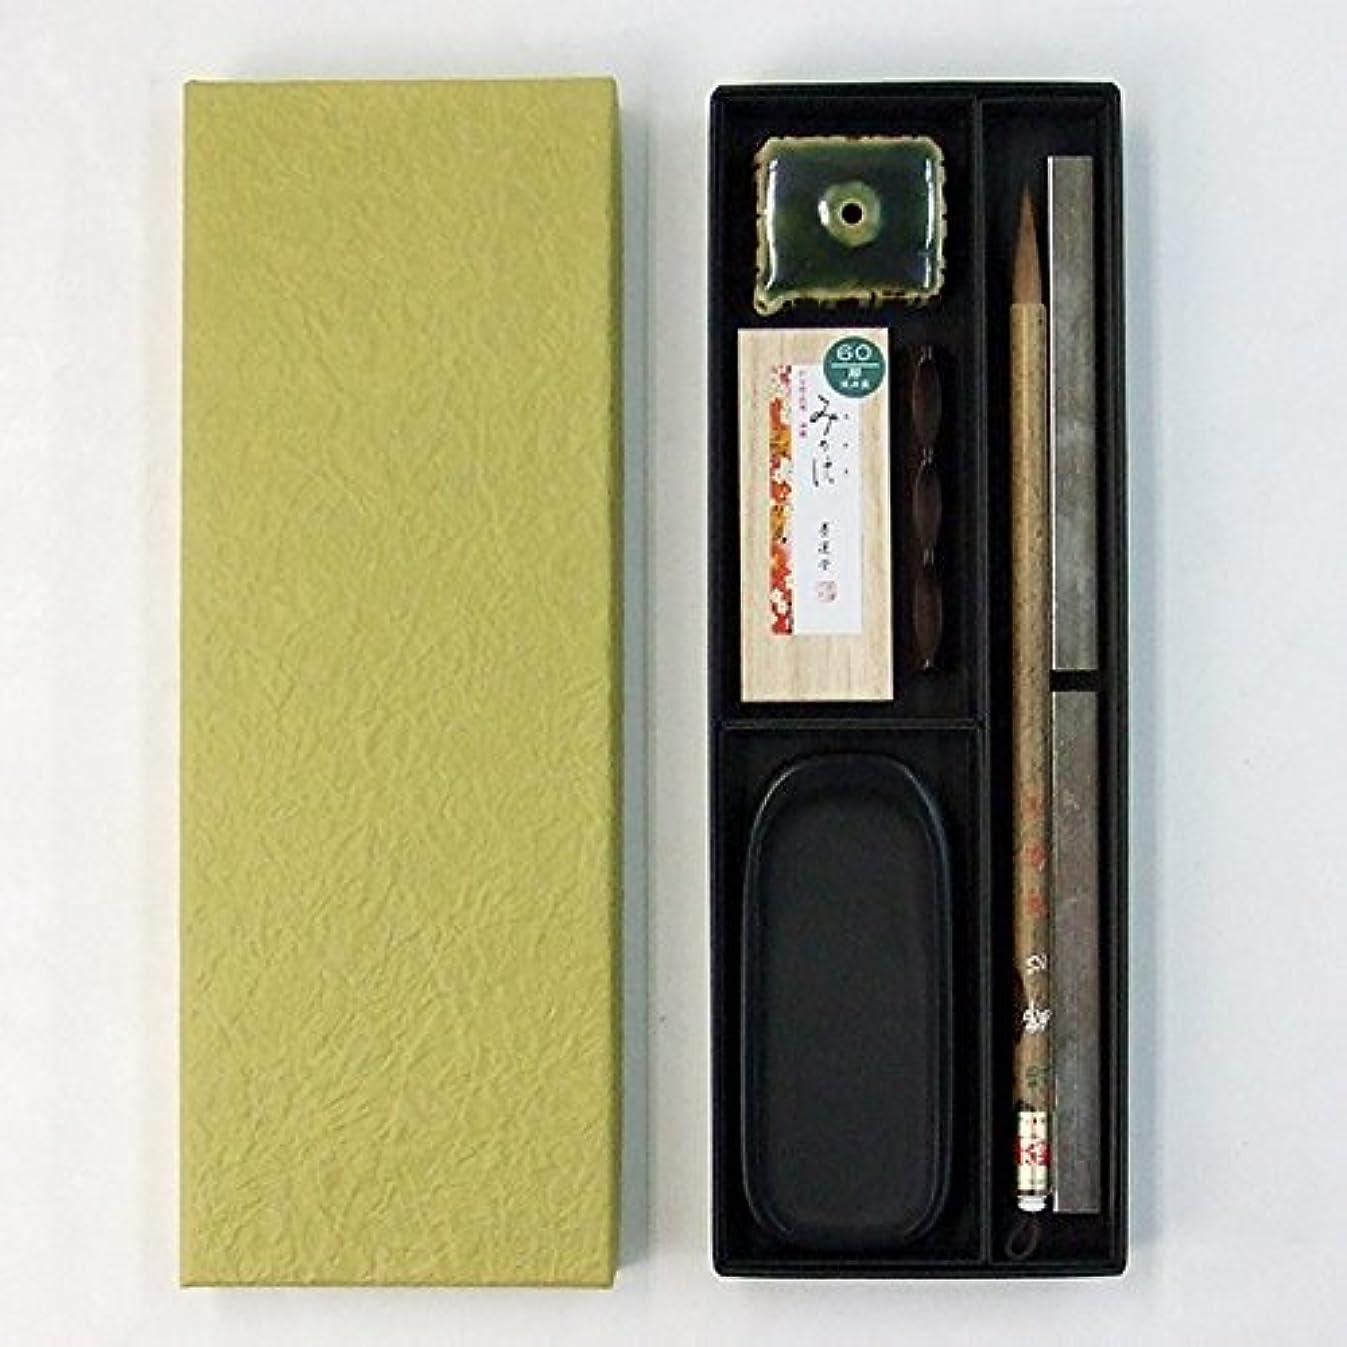 細字用 大人の書道セット 『豊 1』 7点 携帯にも最適 (硯箱の色:草)